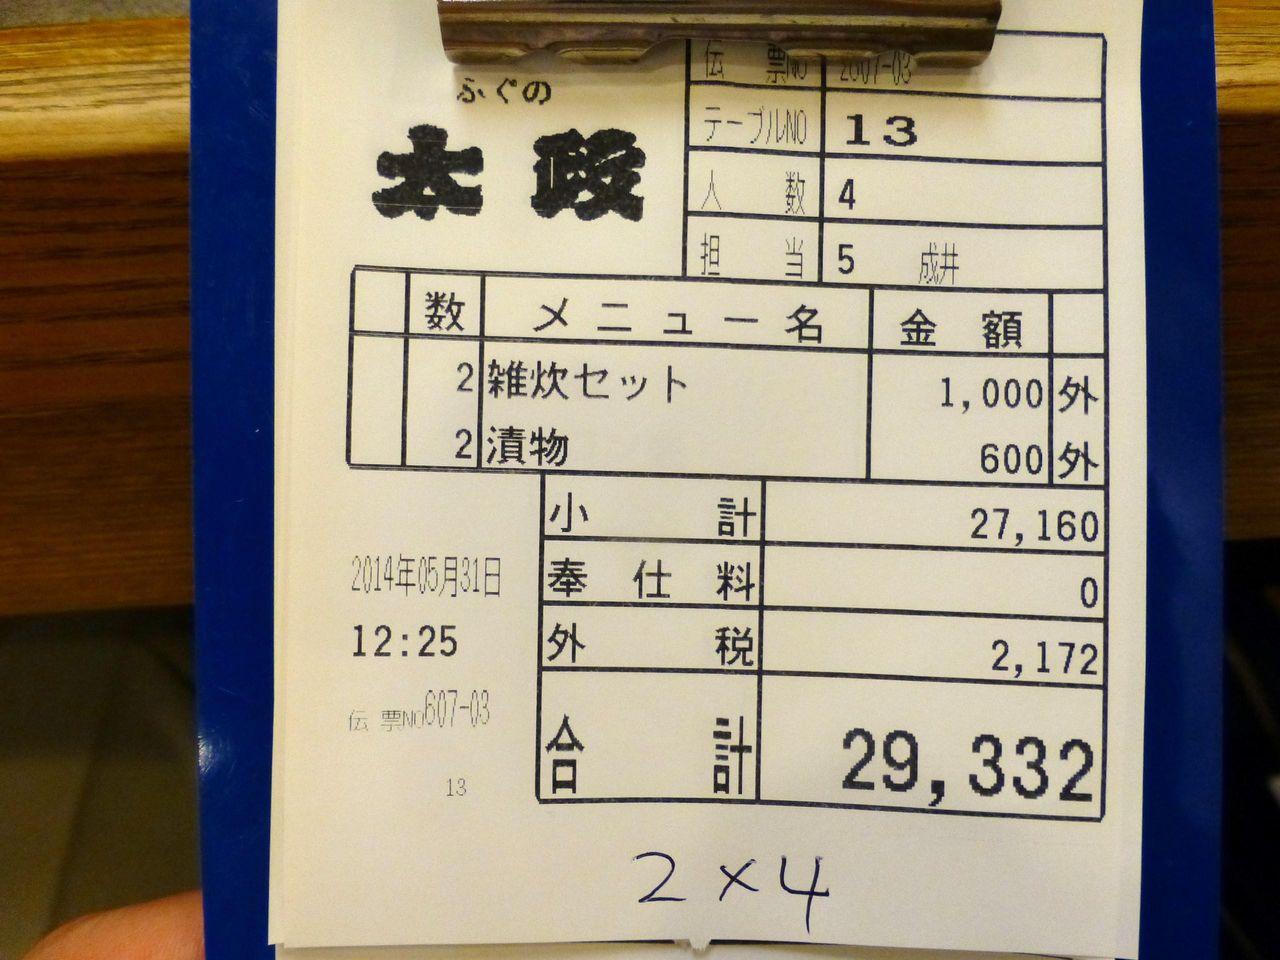 大人4人が飲食して、お会計は29,332円(1人約7,300円)